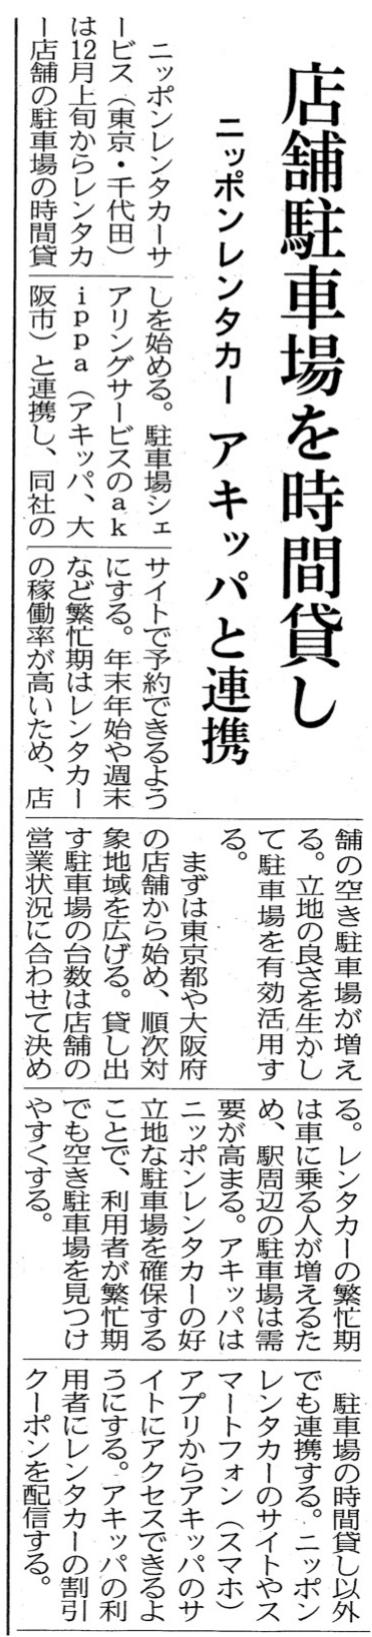 2017年12月8日 日経MJ